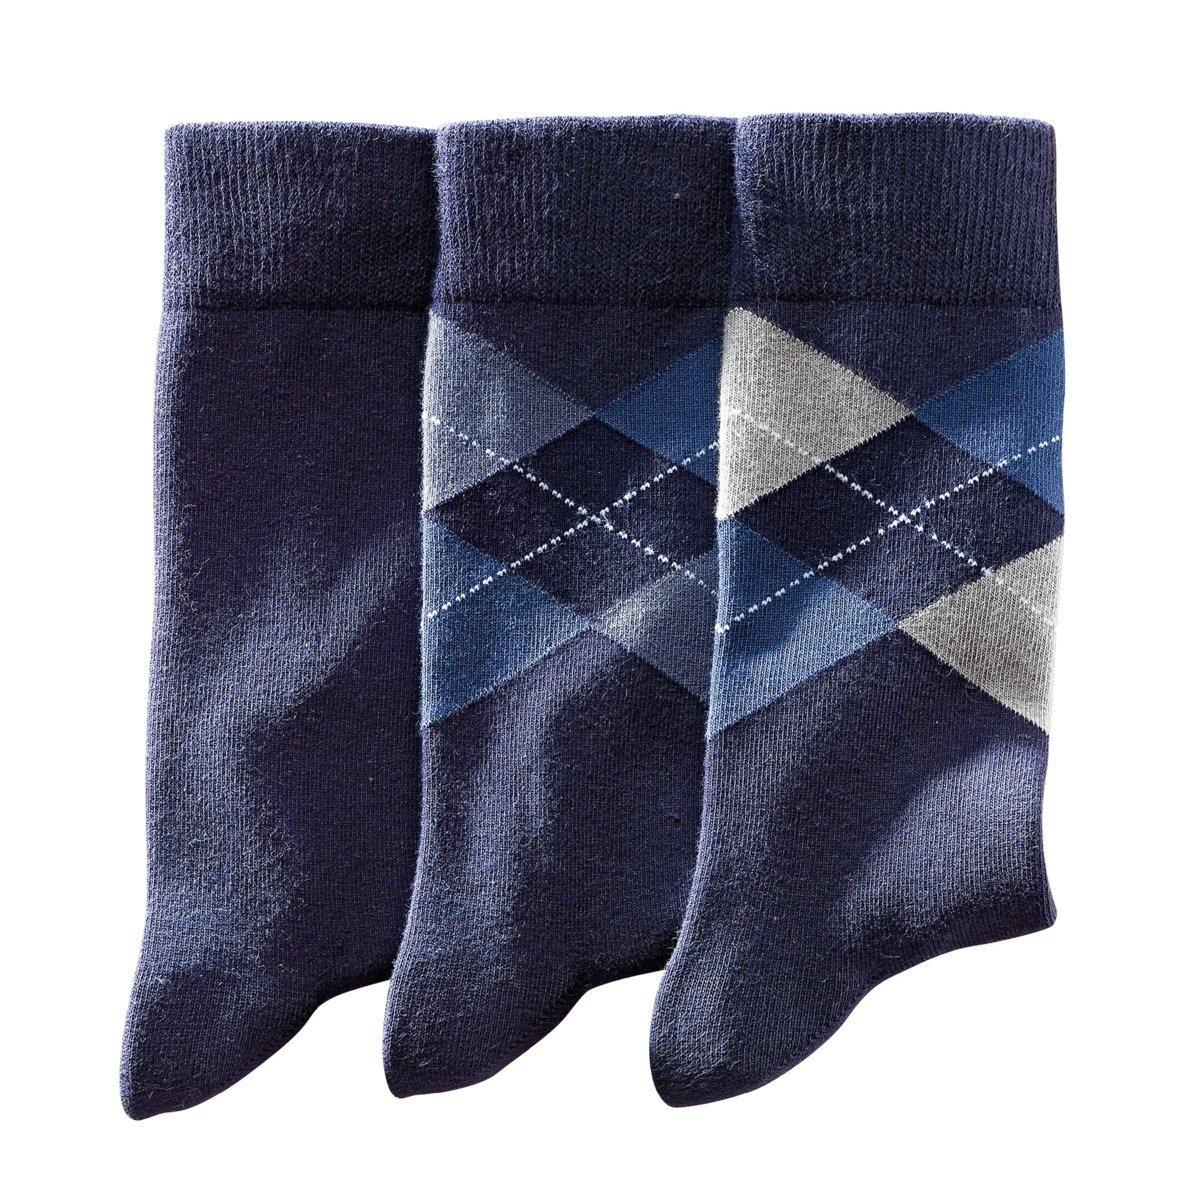 3 пары носков1 однотонные + 2 с рисунком ромбы. 73% хлопка, 26% полиамида, 1% эластана. В комплекте 3 пары носков.<br><br>Цвет: синий морской,черный<br>Размер: 39/42.43/46.43/46